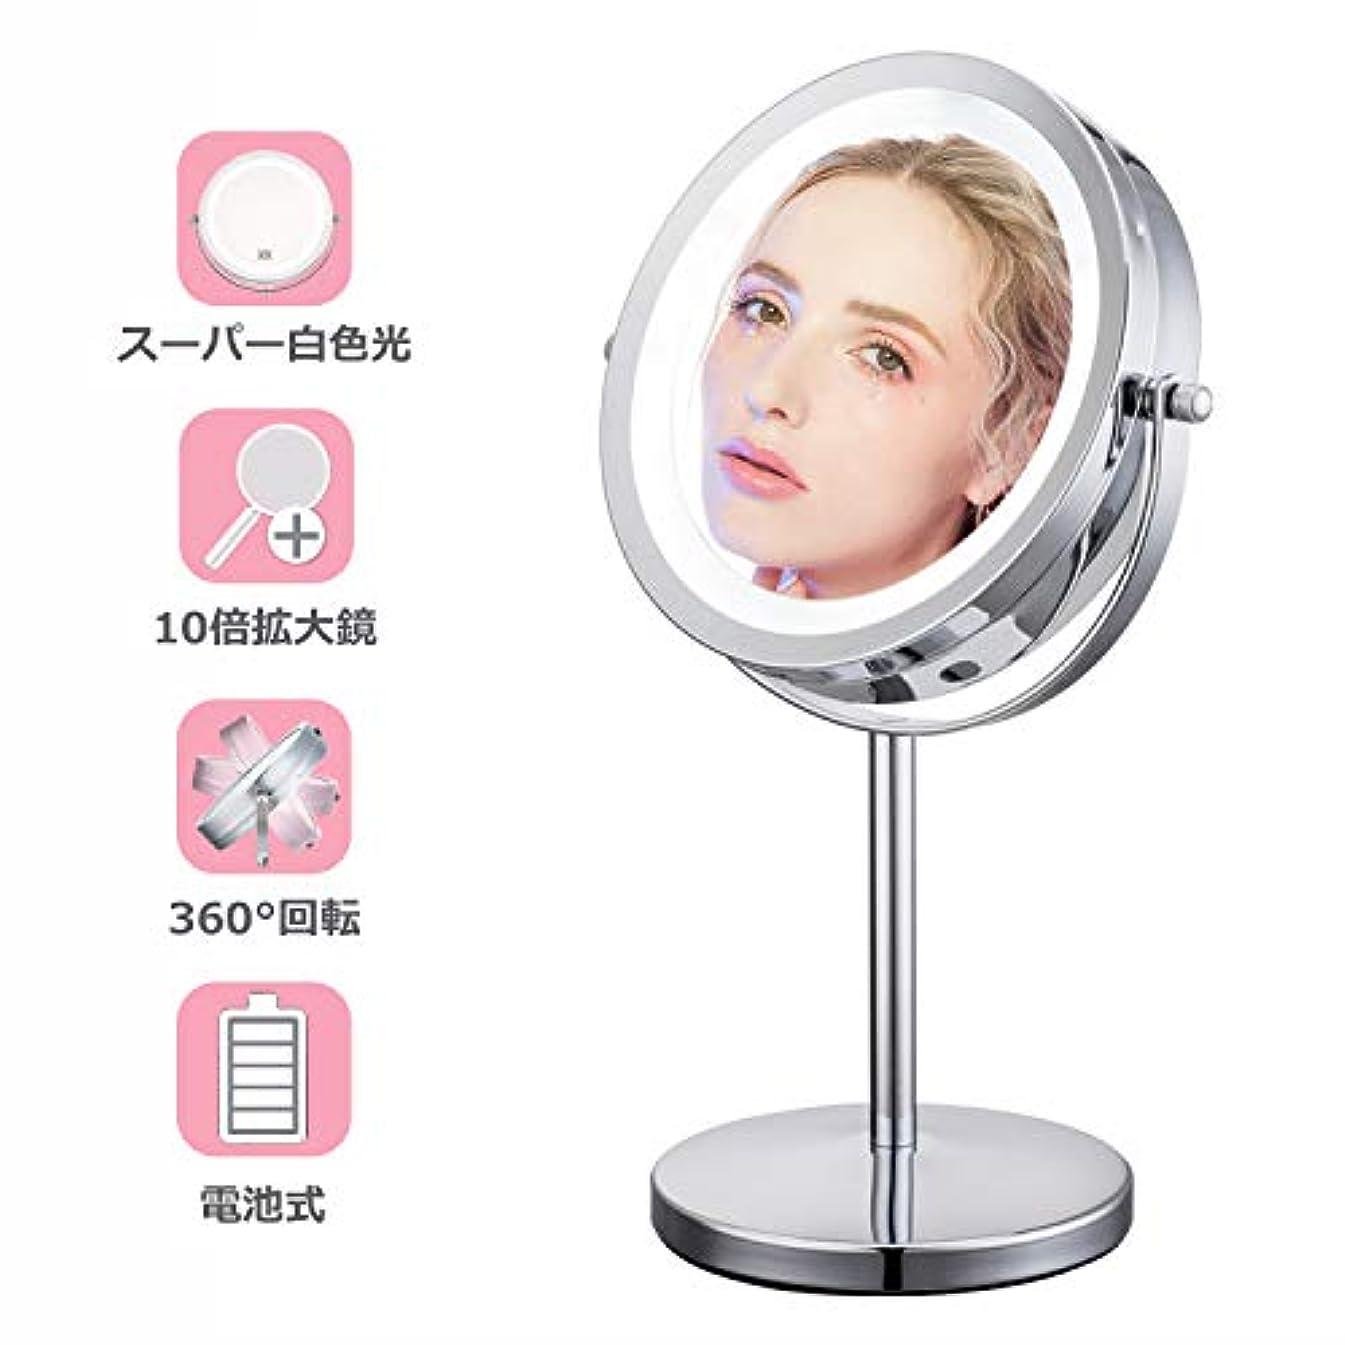 やけど悲鳴有名人10倍拡大鏡 LEDライト付き 真実の両面鏡 360度回転 卓上鏡 スタンドミラー メイク 化粧道具 【Jeking】